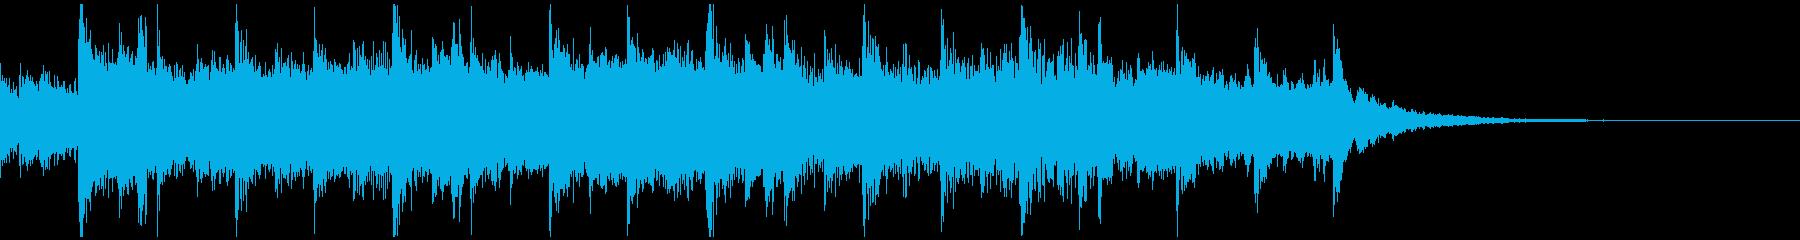 ジブリ風で幻想的なバラードの再生済みの波形